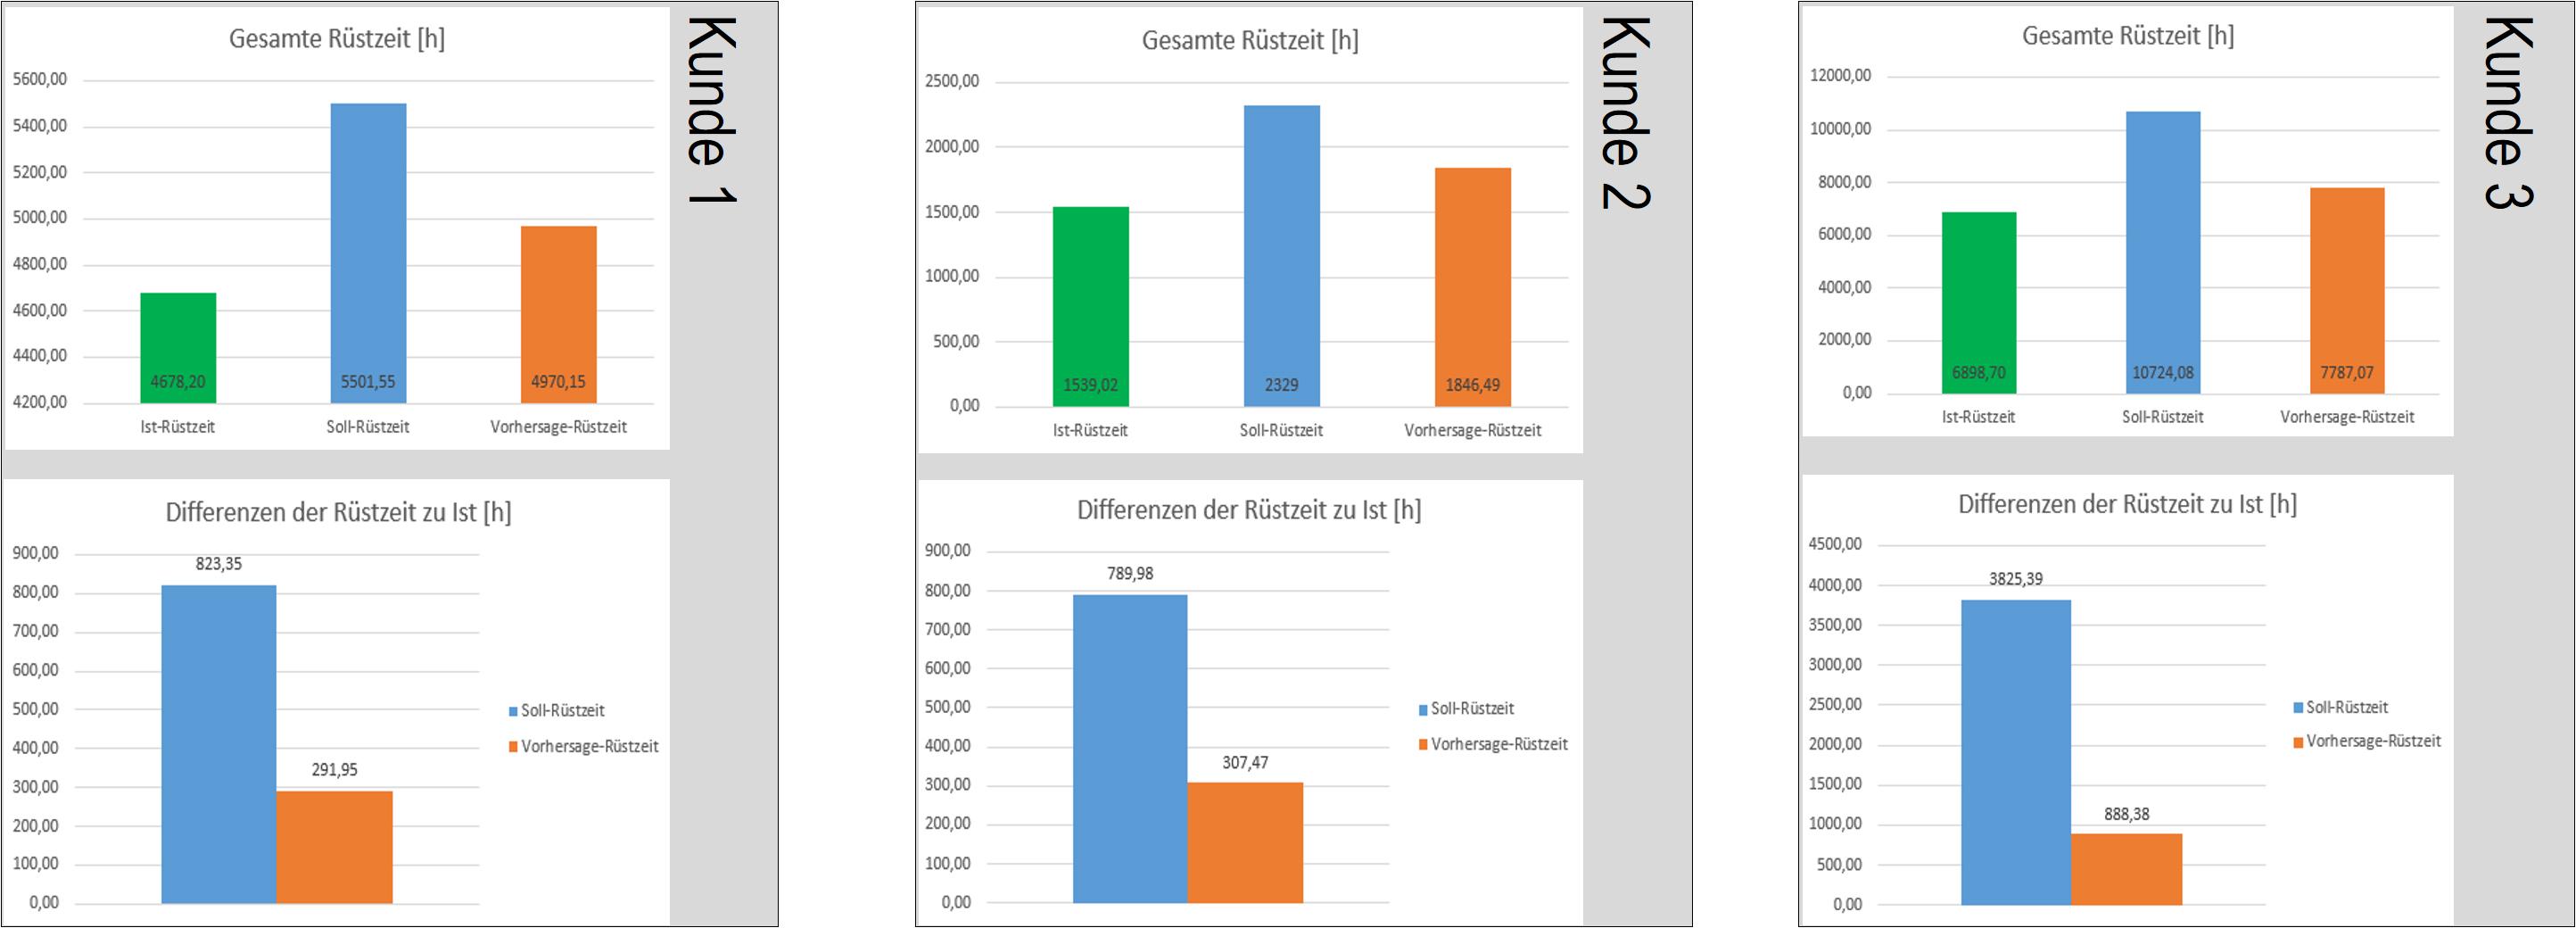 Überprüfung der KI-basierten Rüstzeitprognose in drei realen Produktionsszenarien. Die KI-basierten Ergebnisse bewegen sich deutlich näher an der Realität als herkömmliche Berechnungsmethoden. (Bild: MPDV Mikrolab GmbH)